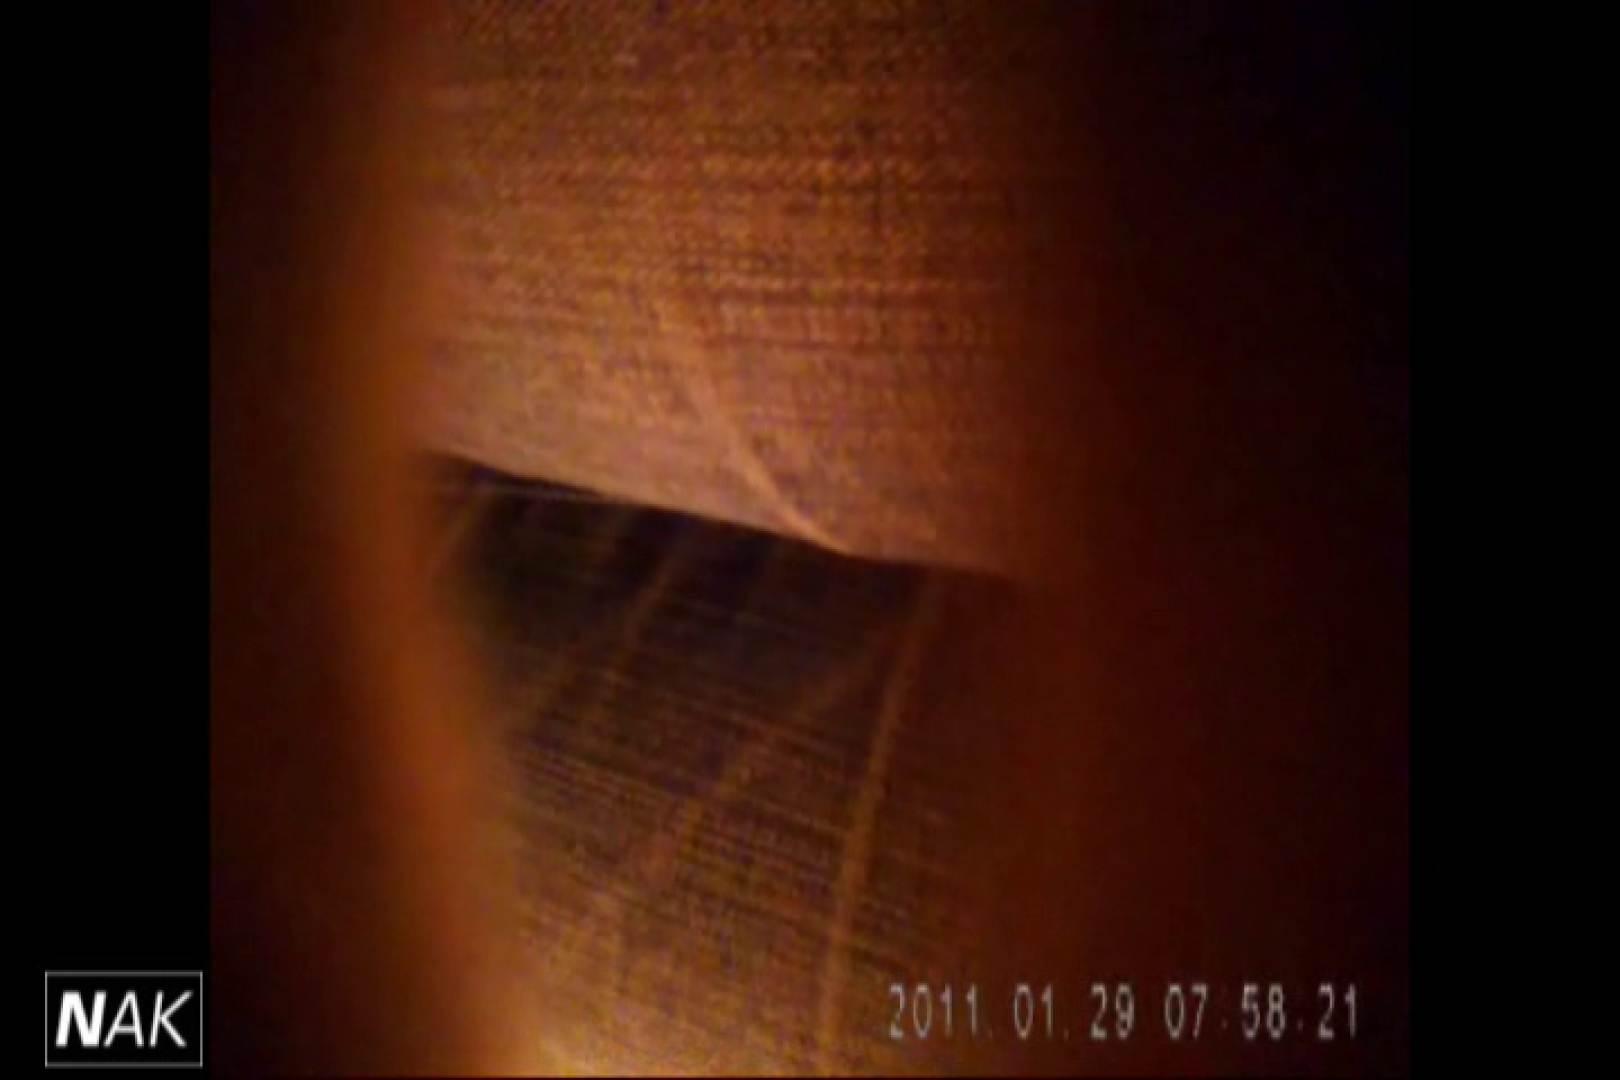 せん八さんの厠観察日記!2点監視カメラ 高画質5000K vol.16 黄金水 盗撮画像 113PIX 99